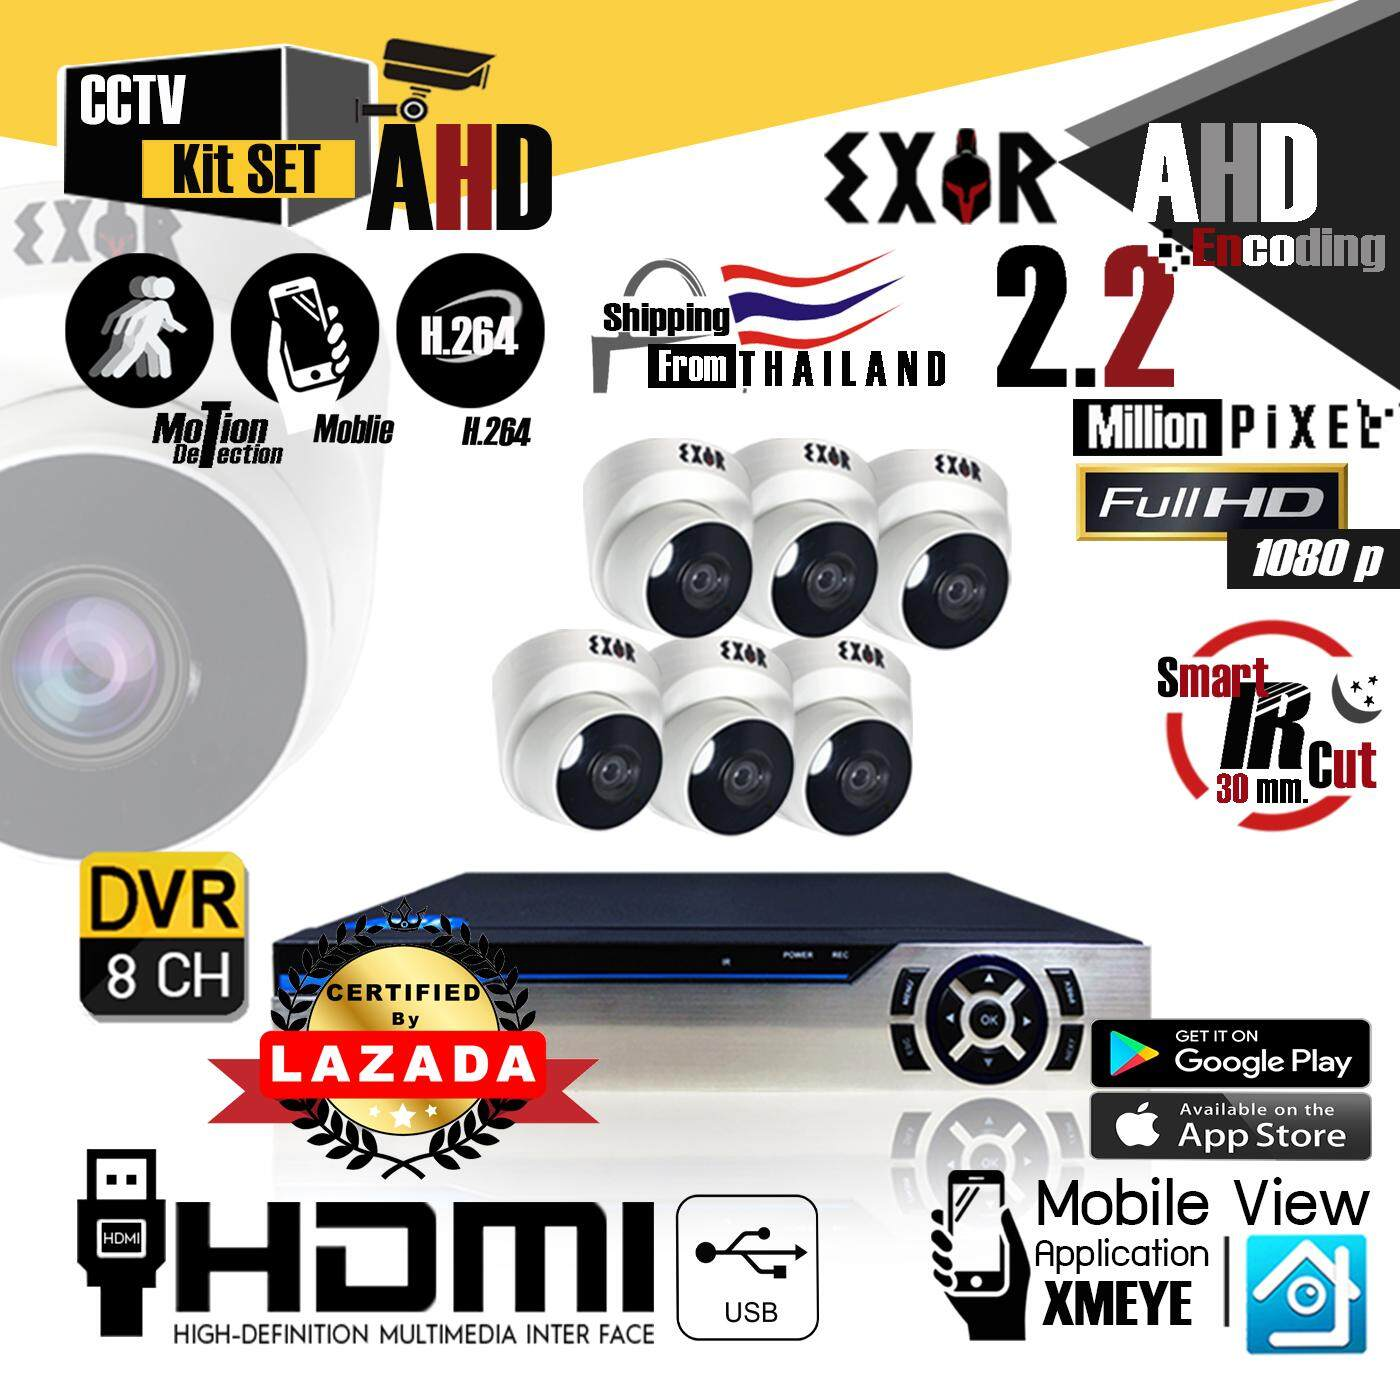 เช็คราคา ชุดกล้องวงจรปิด EXIR CCTV 8CH AHD Kit Set 2.2 ล้านพิกเซล Full HD 1080P กล้อง 6 ตัว โดม 1 ตา เลนส์ 4mm IR cut / Night vision และ เครื่องบันทึก Full HD DVR 8 CH 6 in 1 DIUS ( DTR-AFS1080B08BN ) ลดโปรโมชั่น